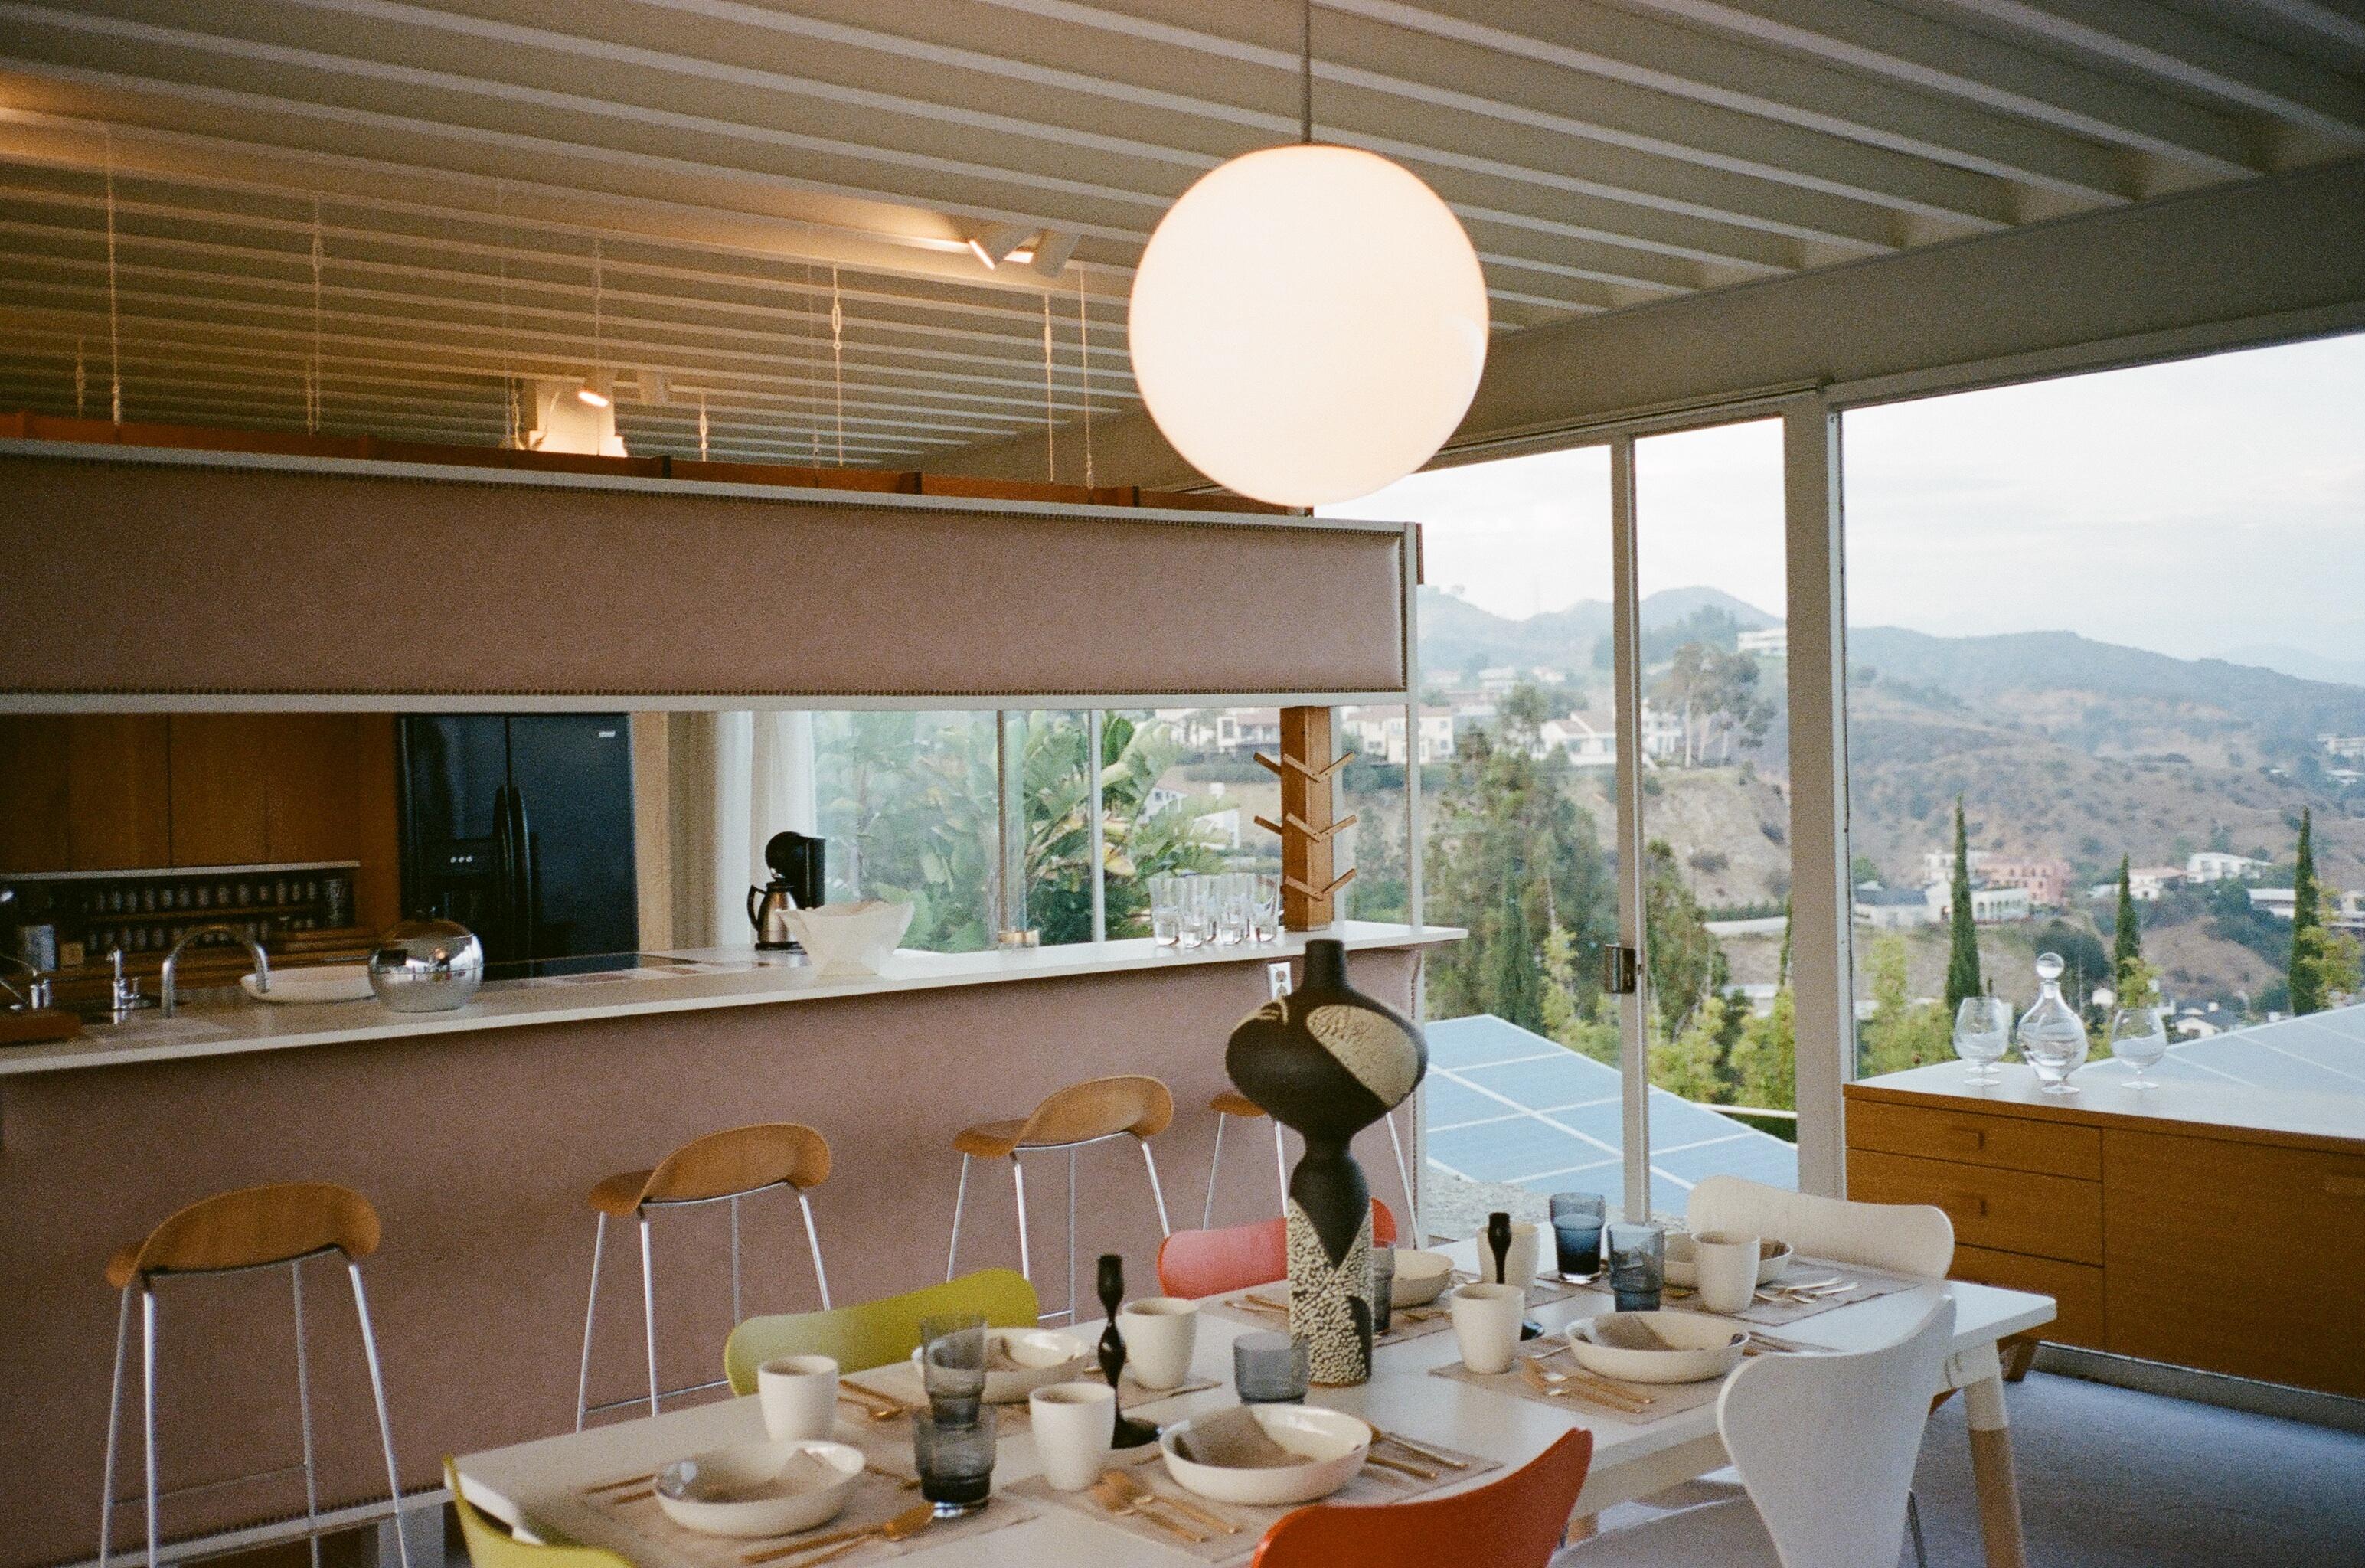 Gratis Afbeeldingen : restaurant, maaltijd, eigendom, kamer ...